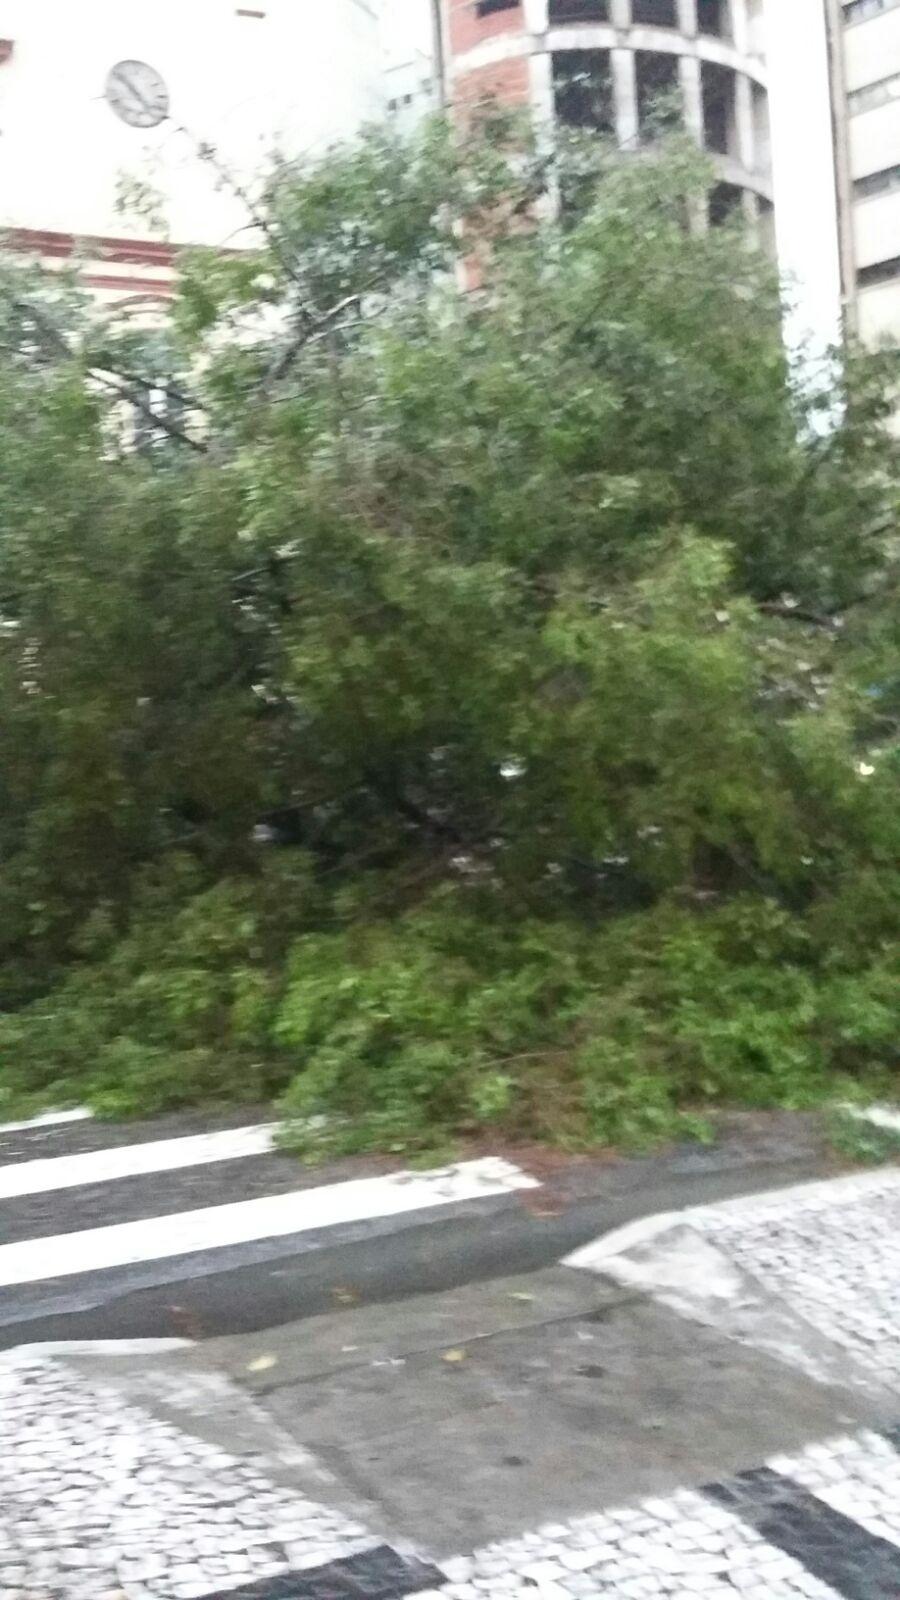 8.set.2015 - Uma árvore caiu na tarde desta terça-feira na praça da Sé. A foto foi enviada pela internauta Lígia Góes via WhatsApp